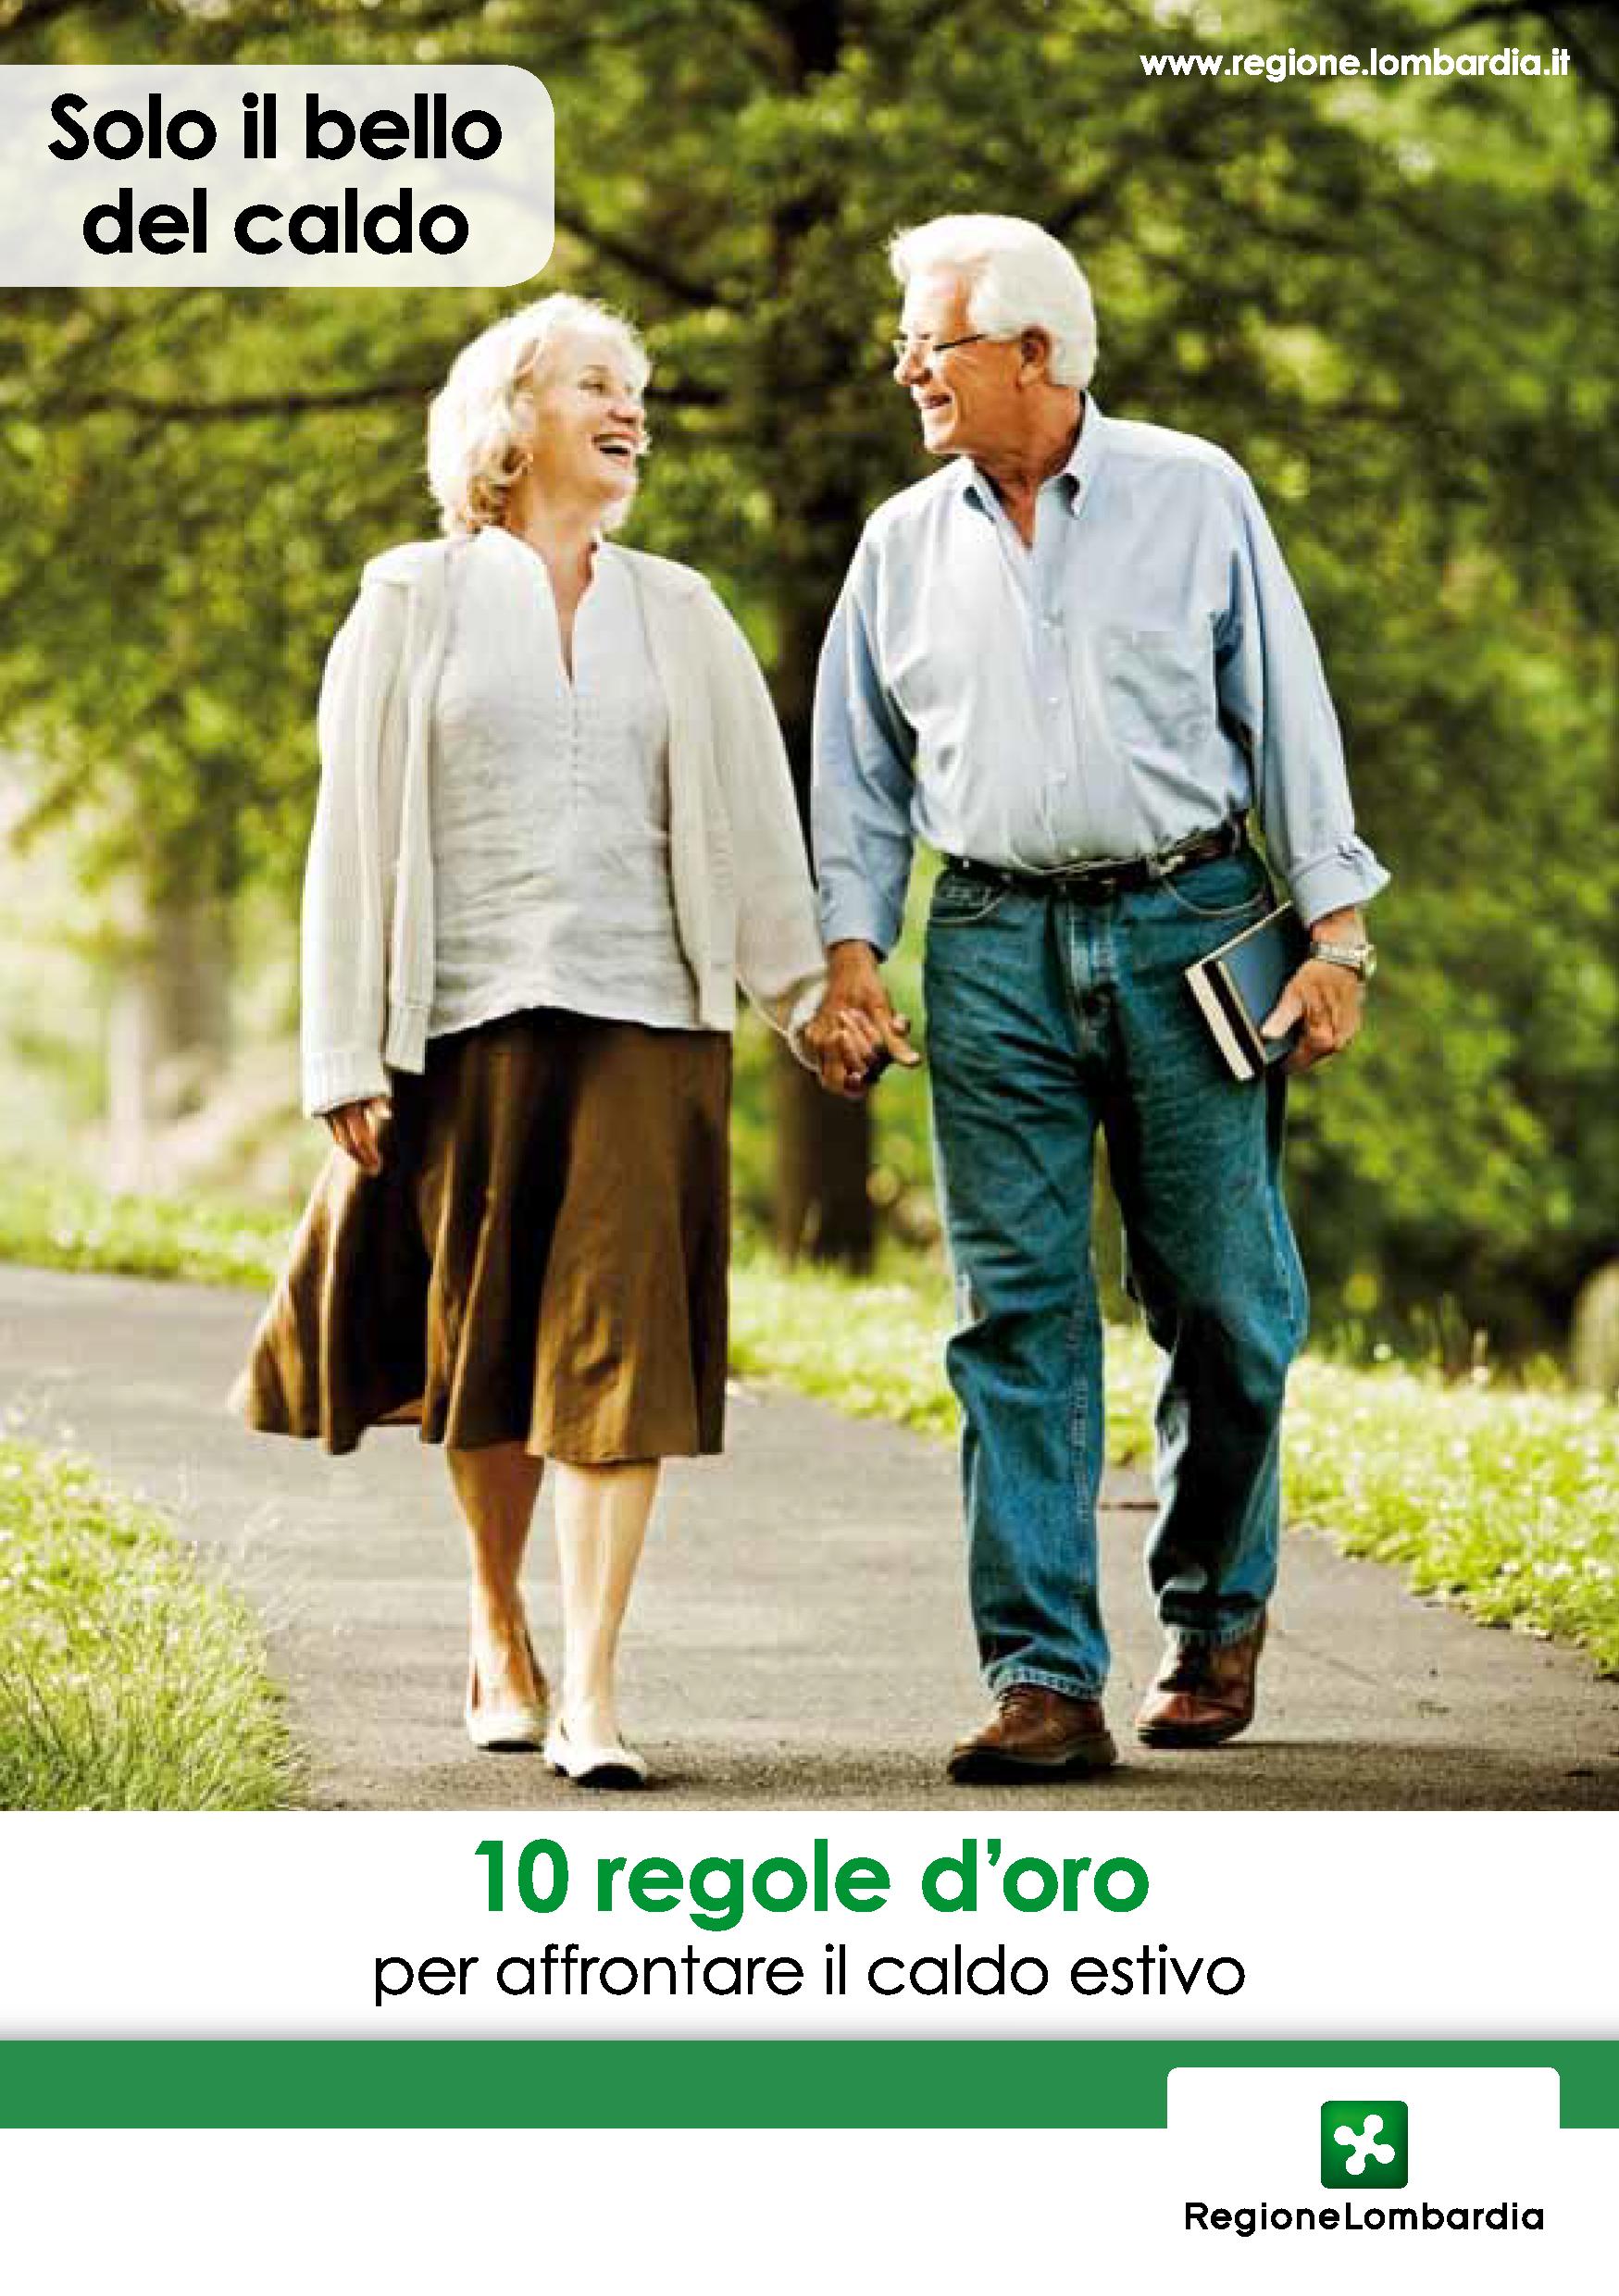 Pagine da Regione+Lombardia Opuscolo Caldo+estivo 31052012+(2)